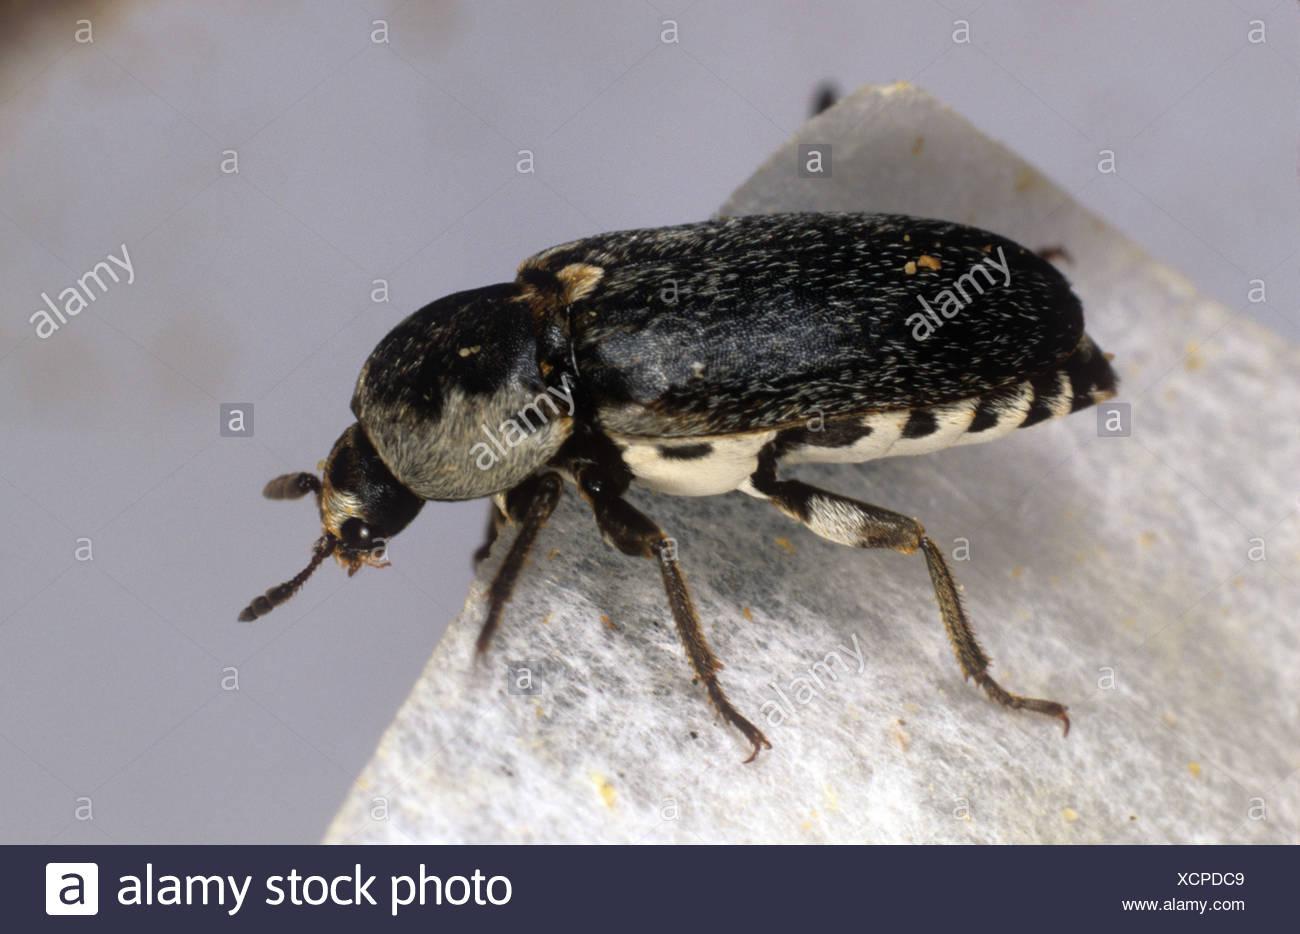 Hide beetle (Dermestes frischi) adult pest - Stock Image